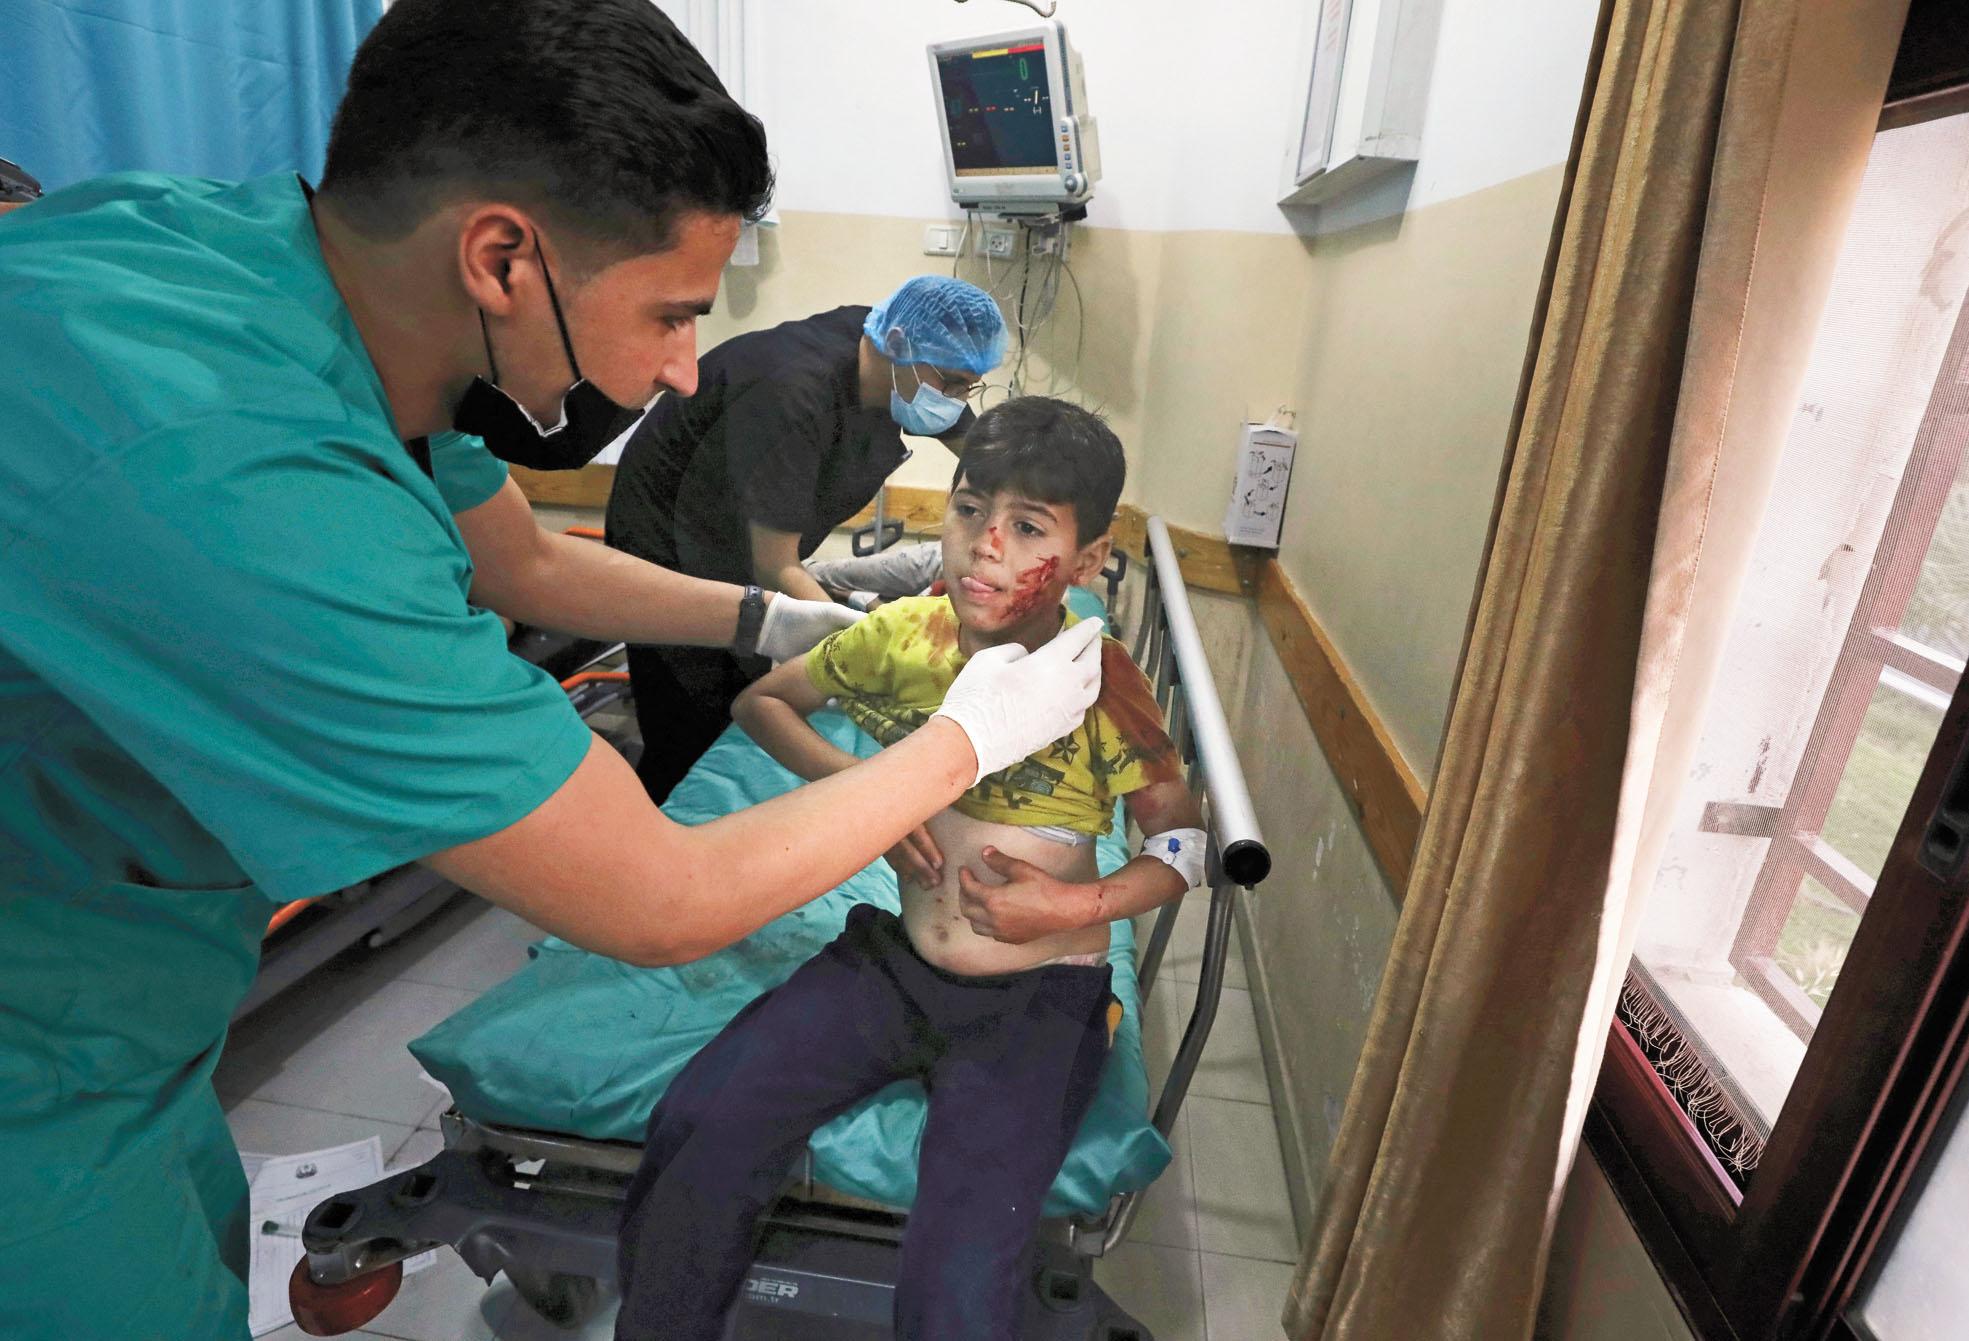 加沙地帶北部發生爆炸,醫務人員正在治療一名受傷的男孩。美聯社